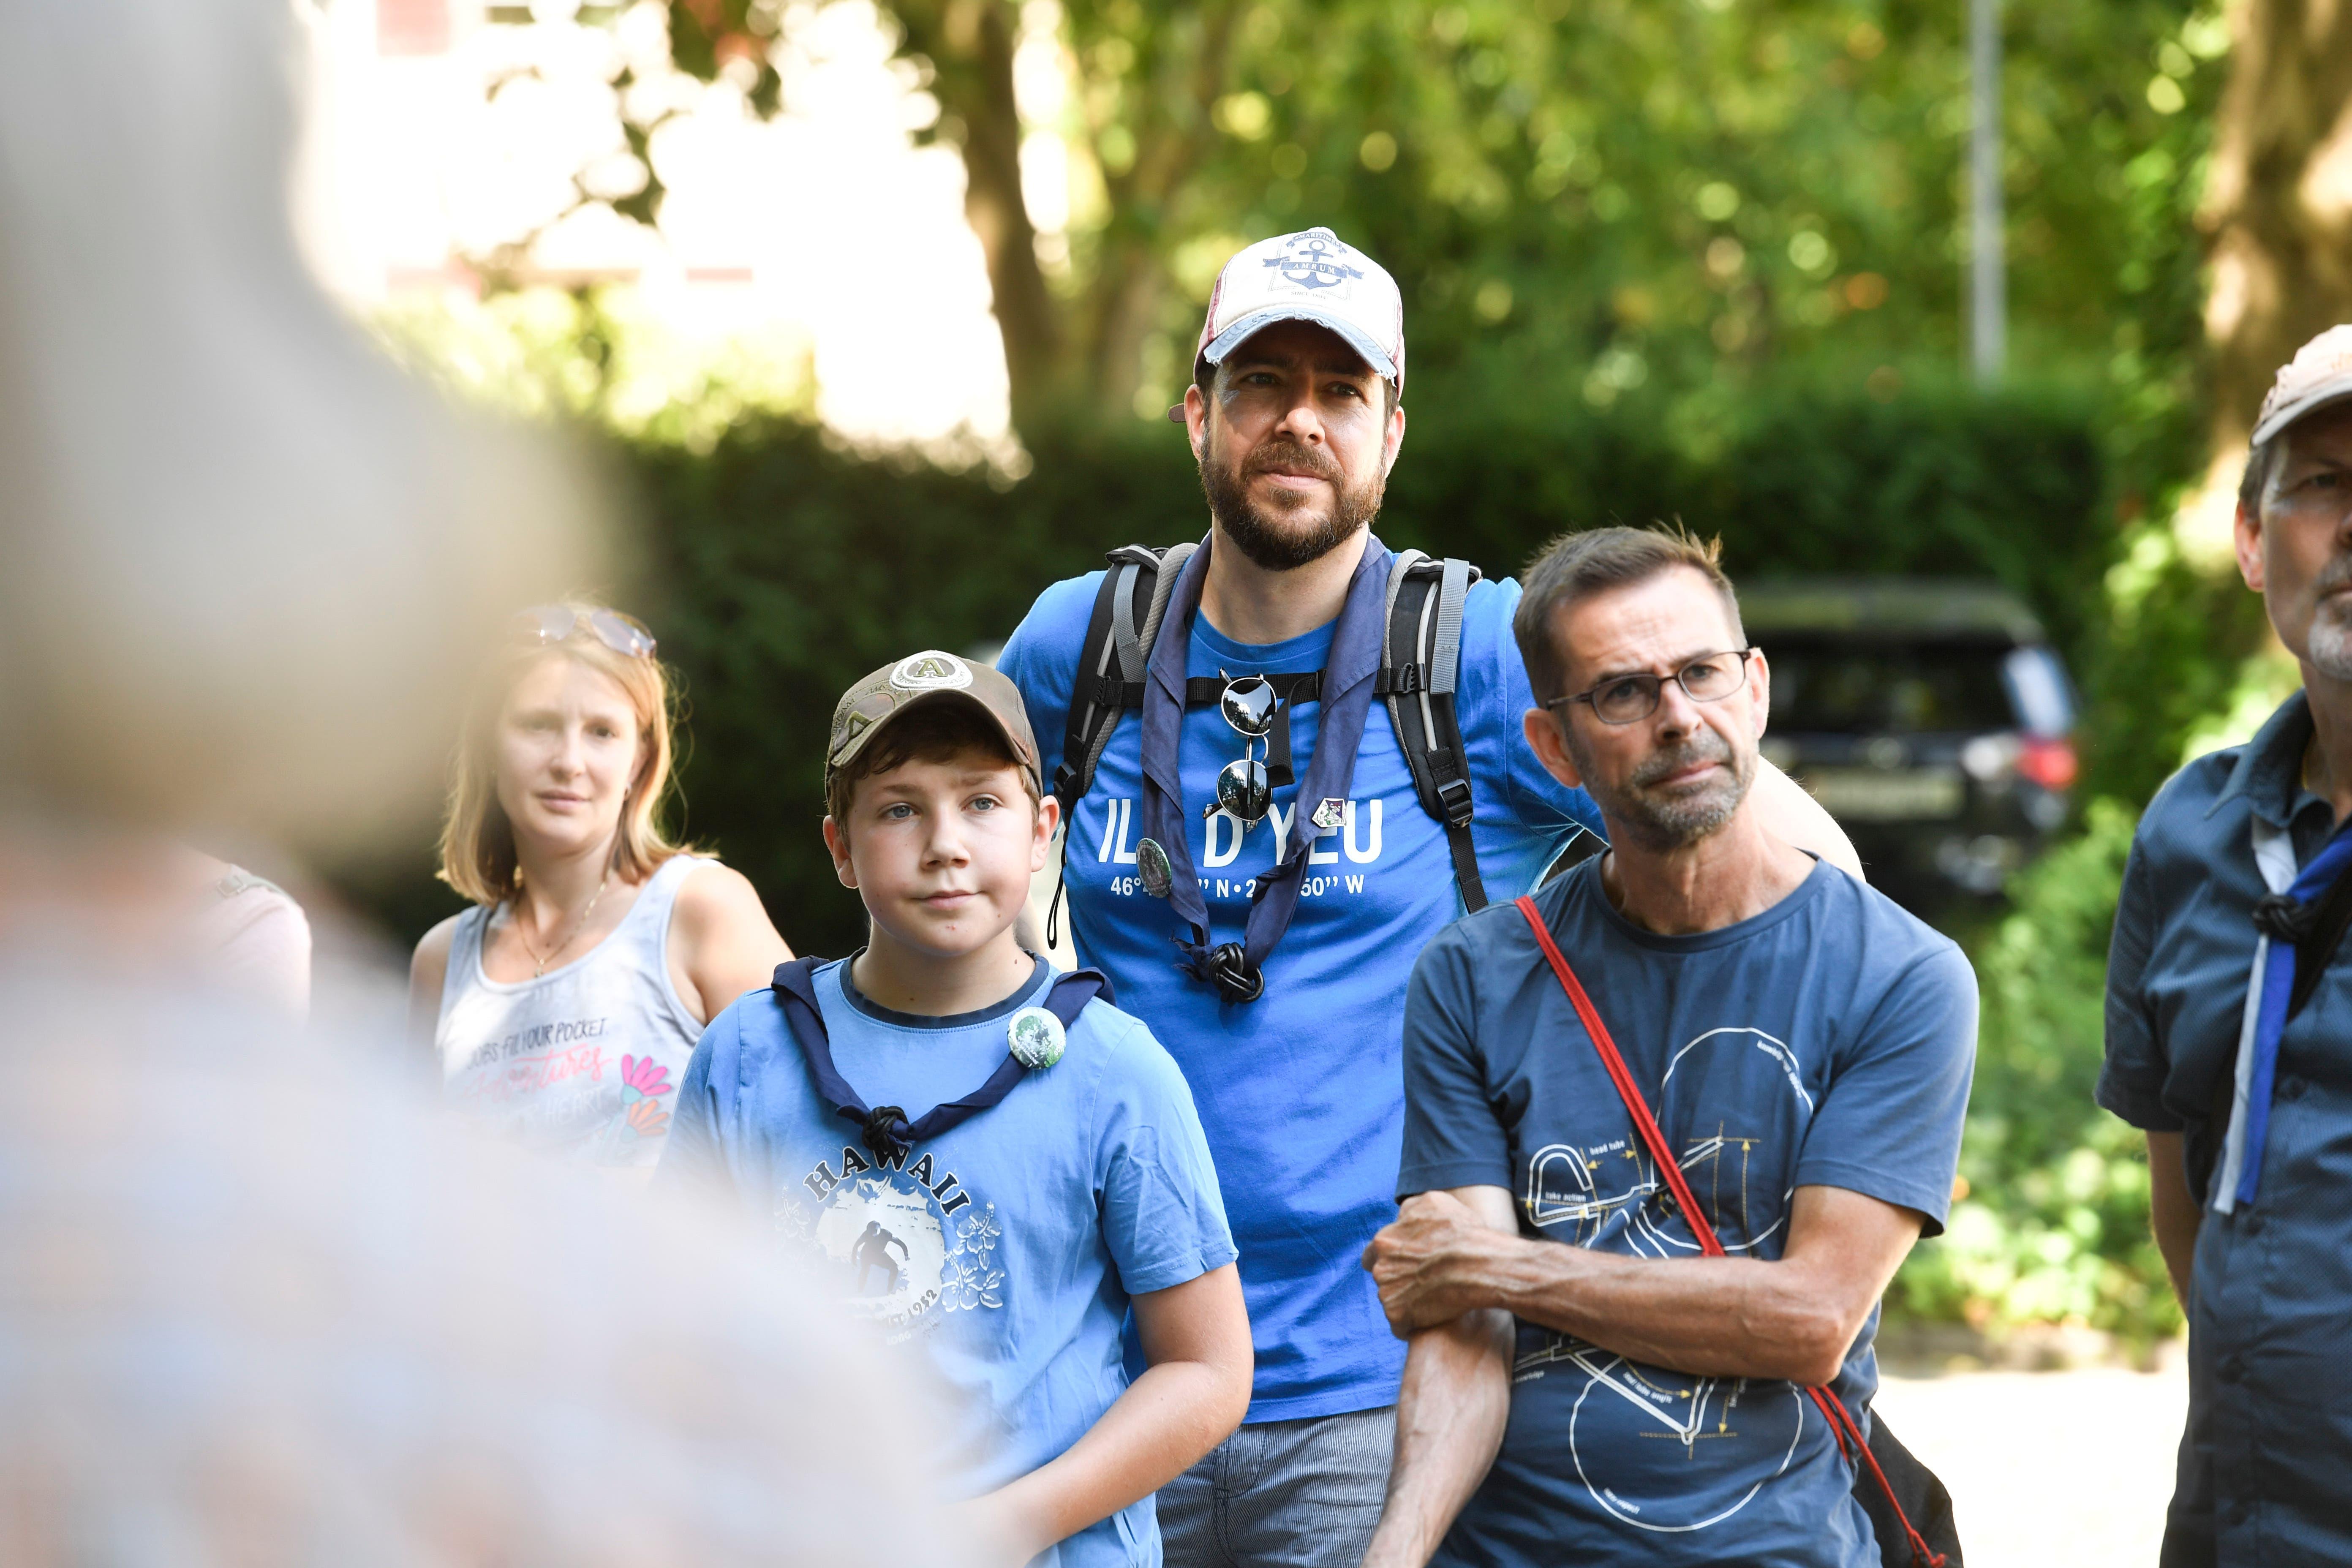 Frauenfeld TG , 15.08.2020 / Spaziergang in die Frauenfelder Pfadigeschichte - 80-Jahr-Jubiläum der Pfadi Frauenfeld / Im Bld Markus Kaiser ( Mann in der mitte mit Käppi )